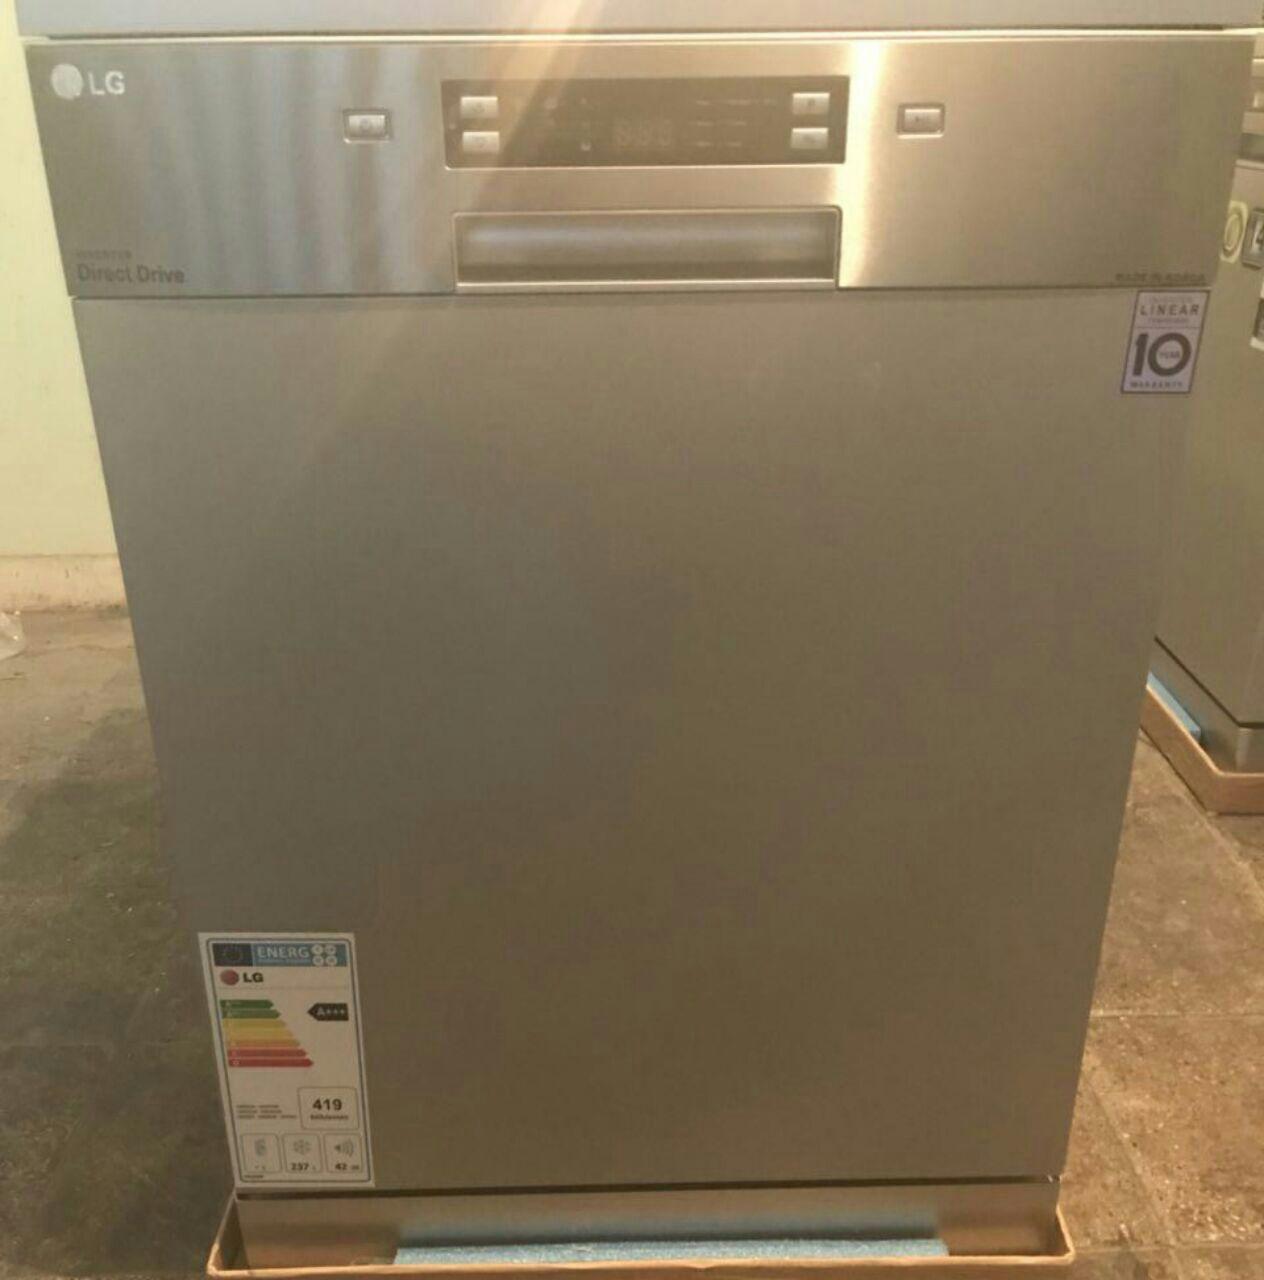 ماشین ظرفشویی 14 نفره الجی رنگ سیلور 3طبقه اسانسور دار تاچ دیجیتال